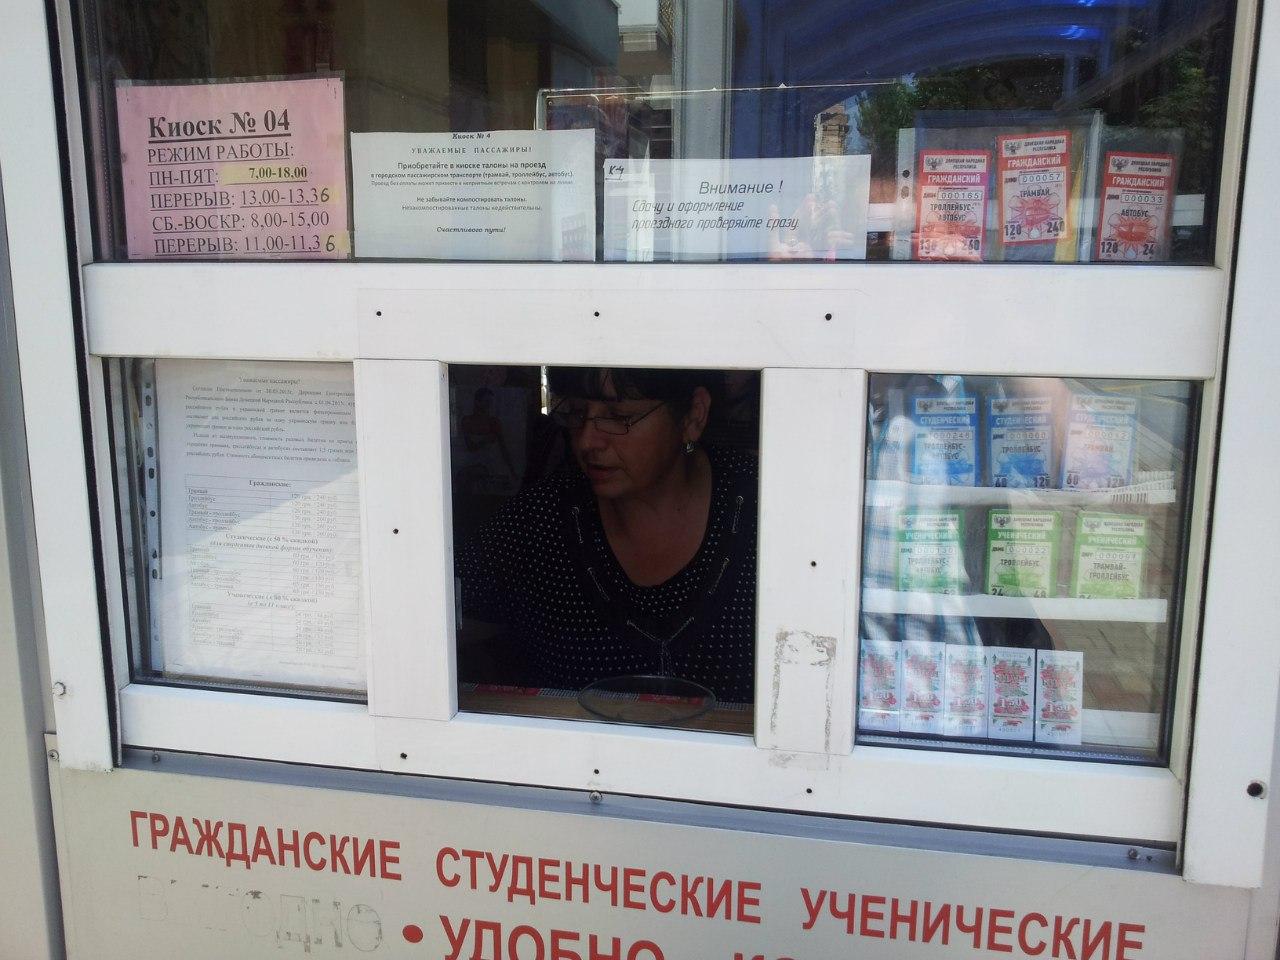 Билеты. Фото Александра Тимошенко